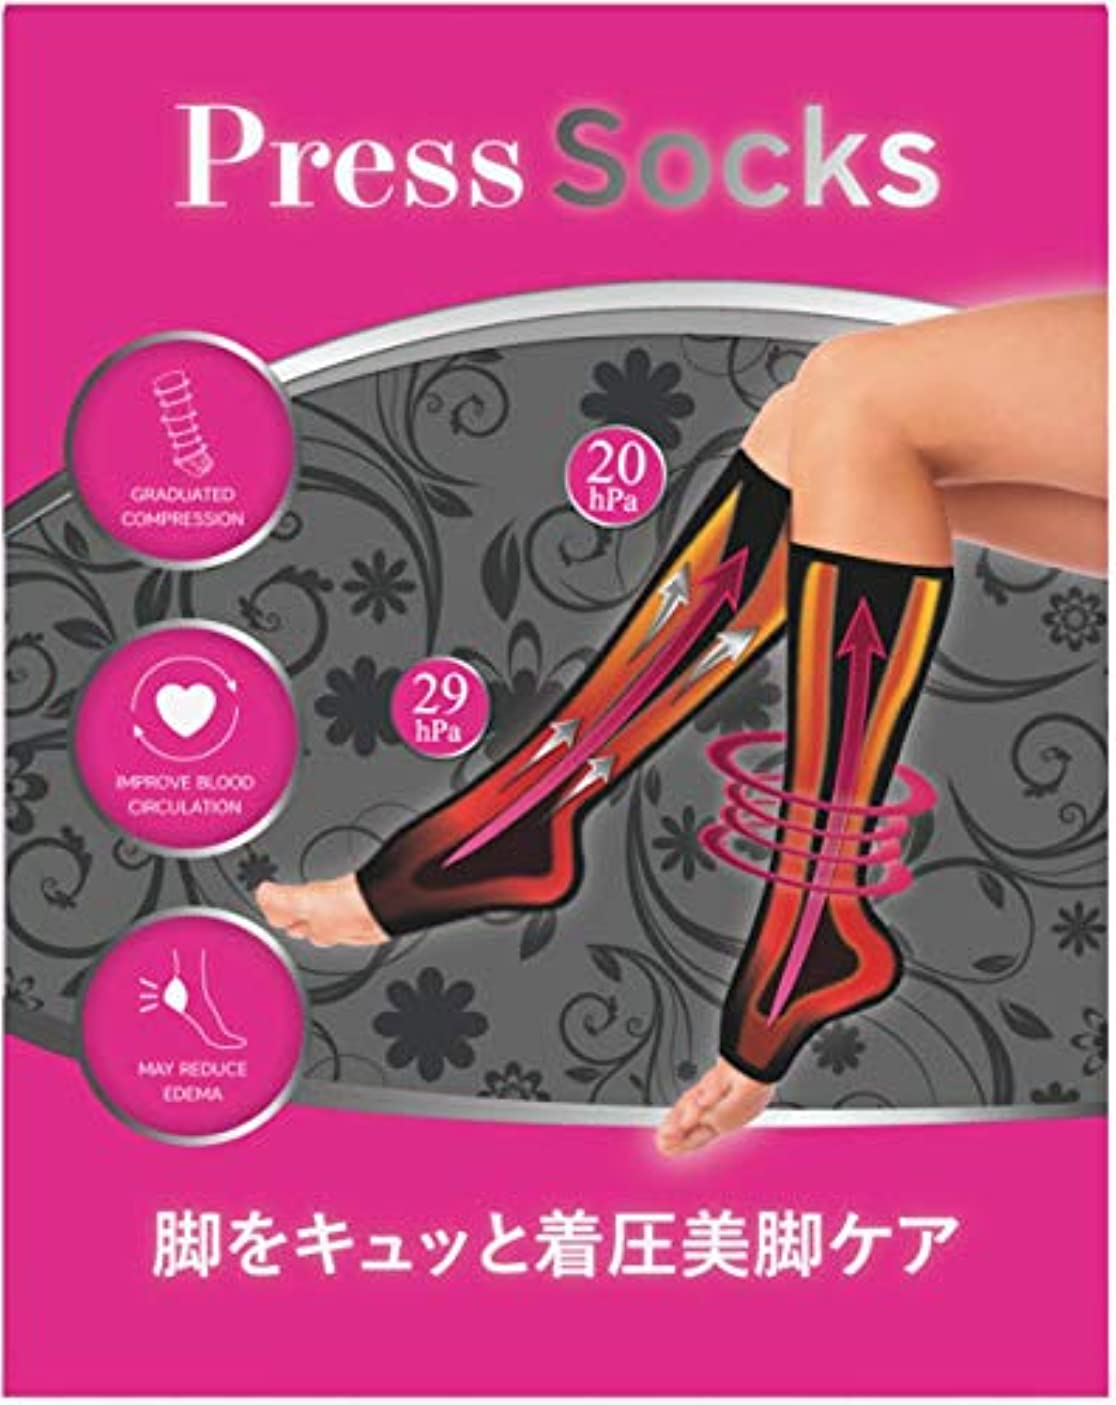 シンジケート経済的山【PRESS SOCKS】 着圧ソックス 加圧 脚やせ 美脚 むくみ (S/M)